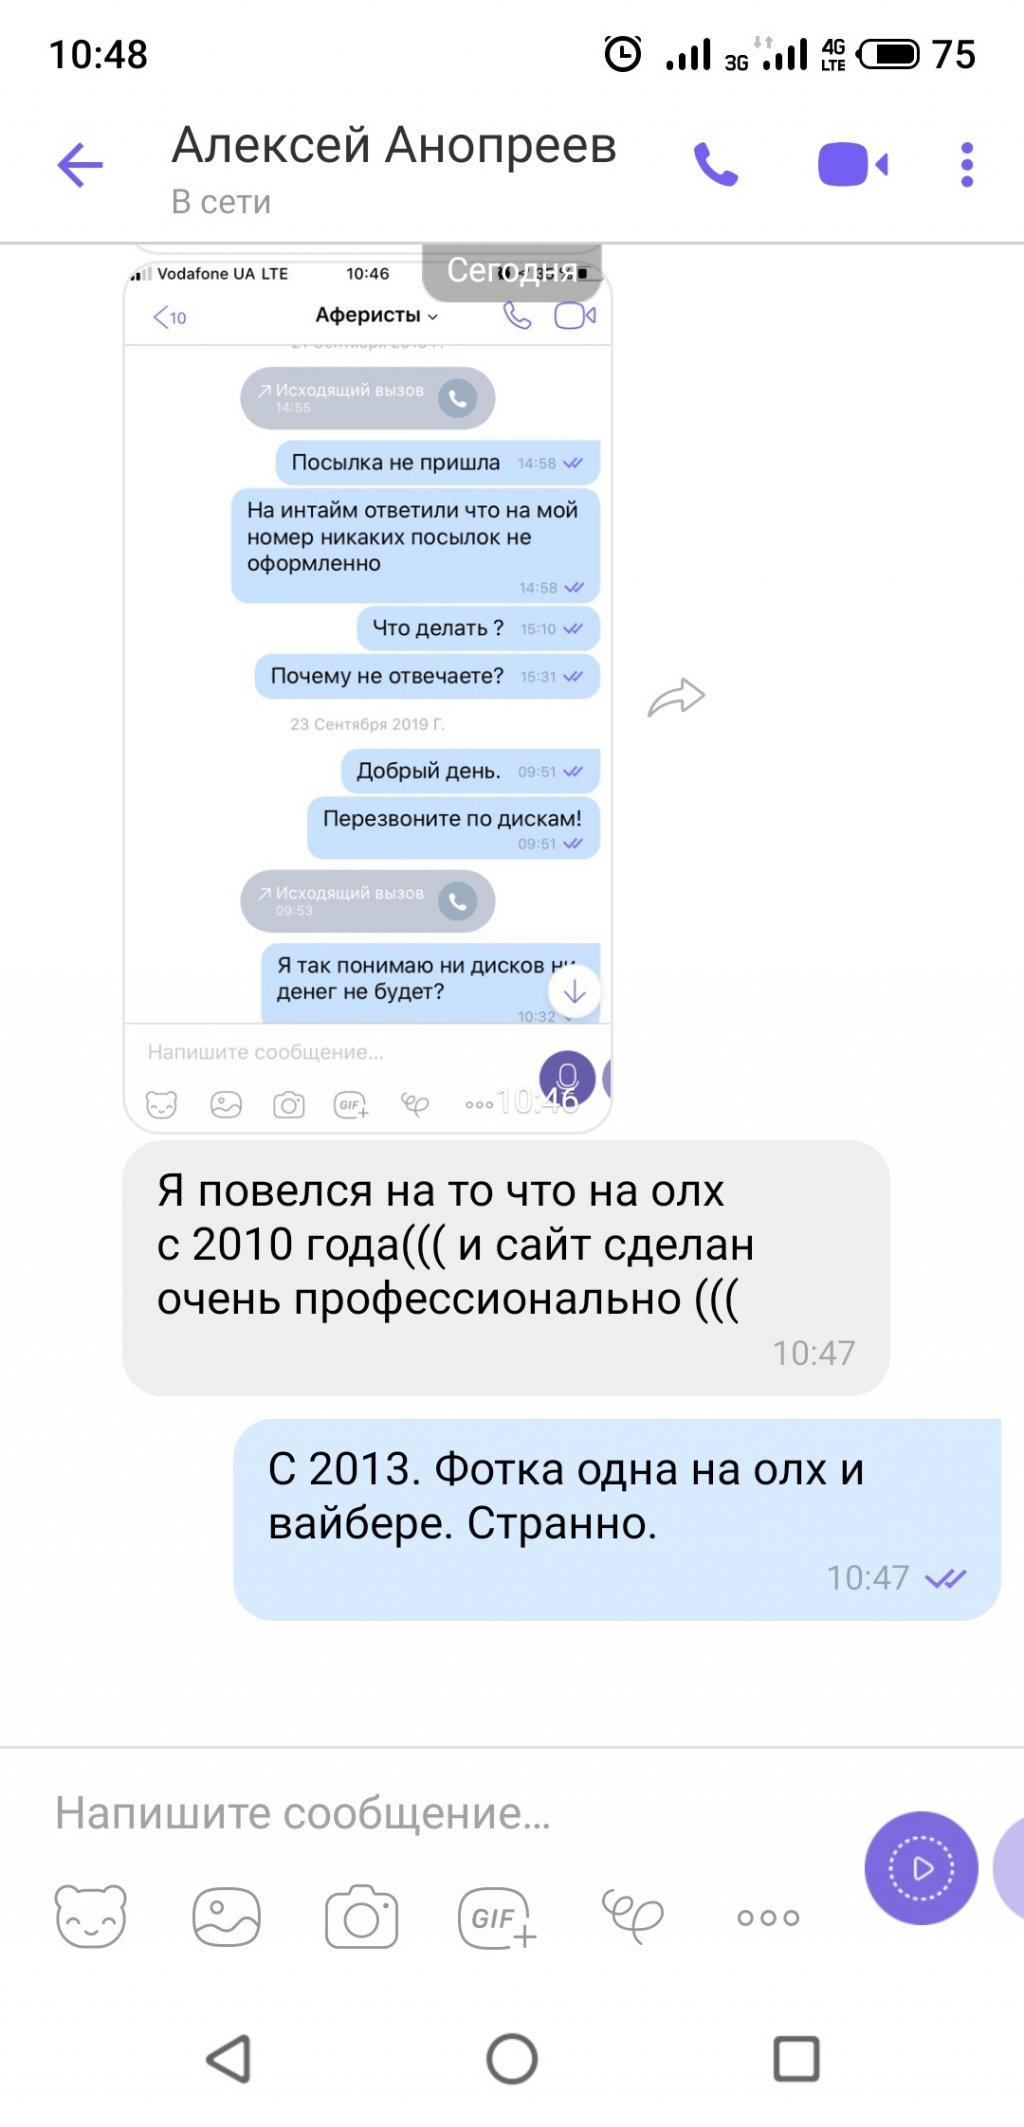 Dusku-ua.com - Мужики, внимание!